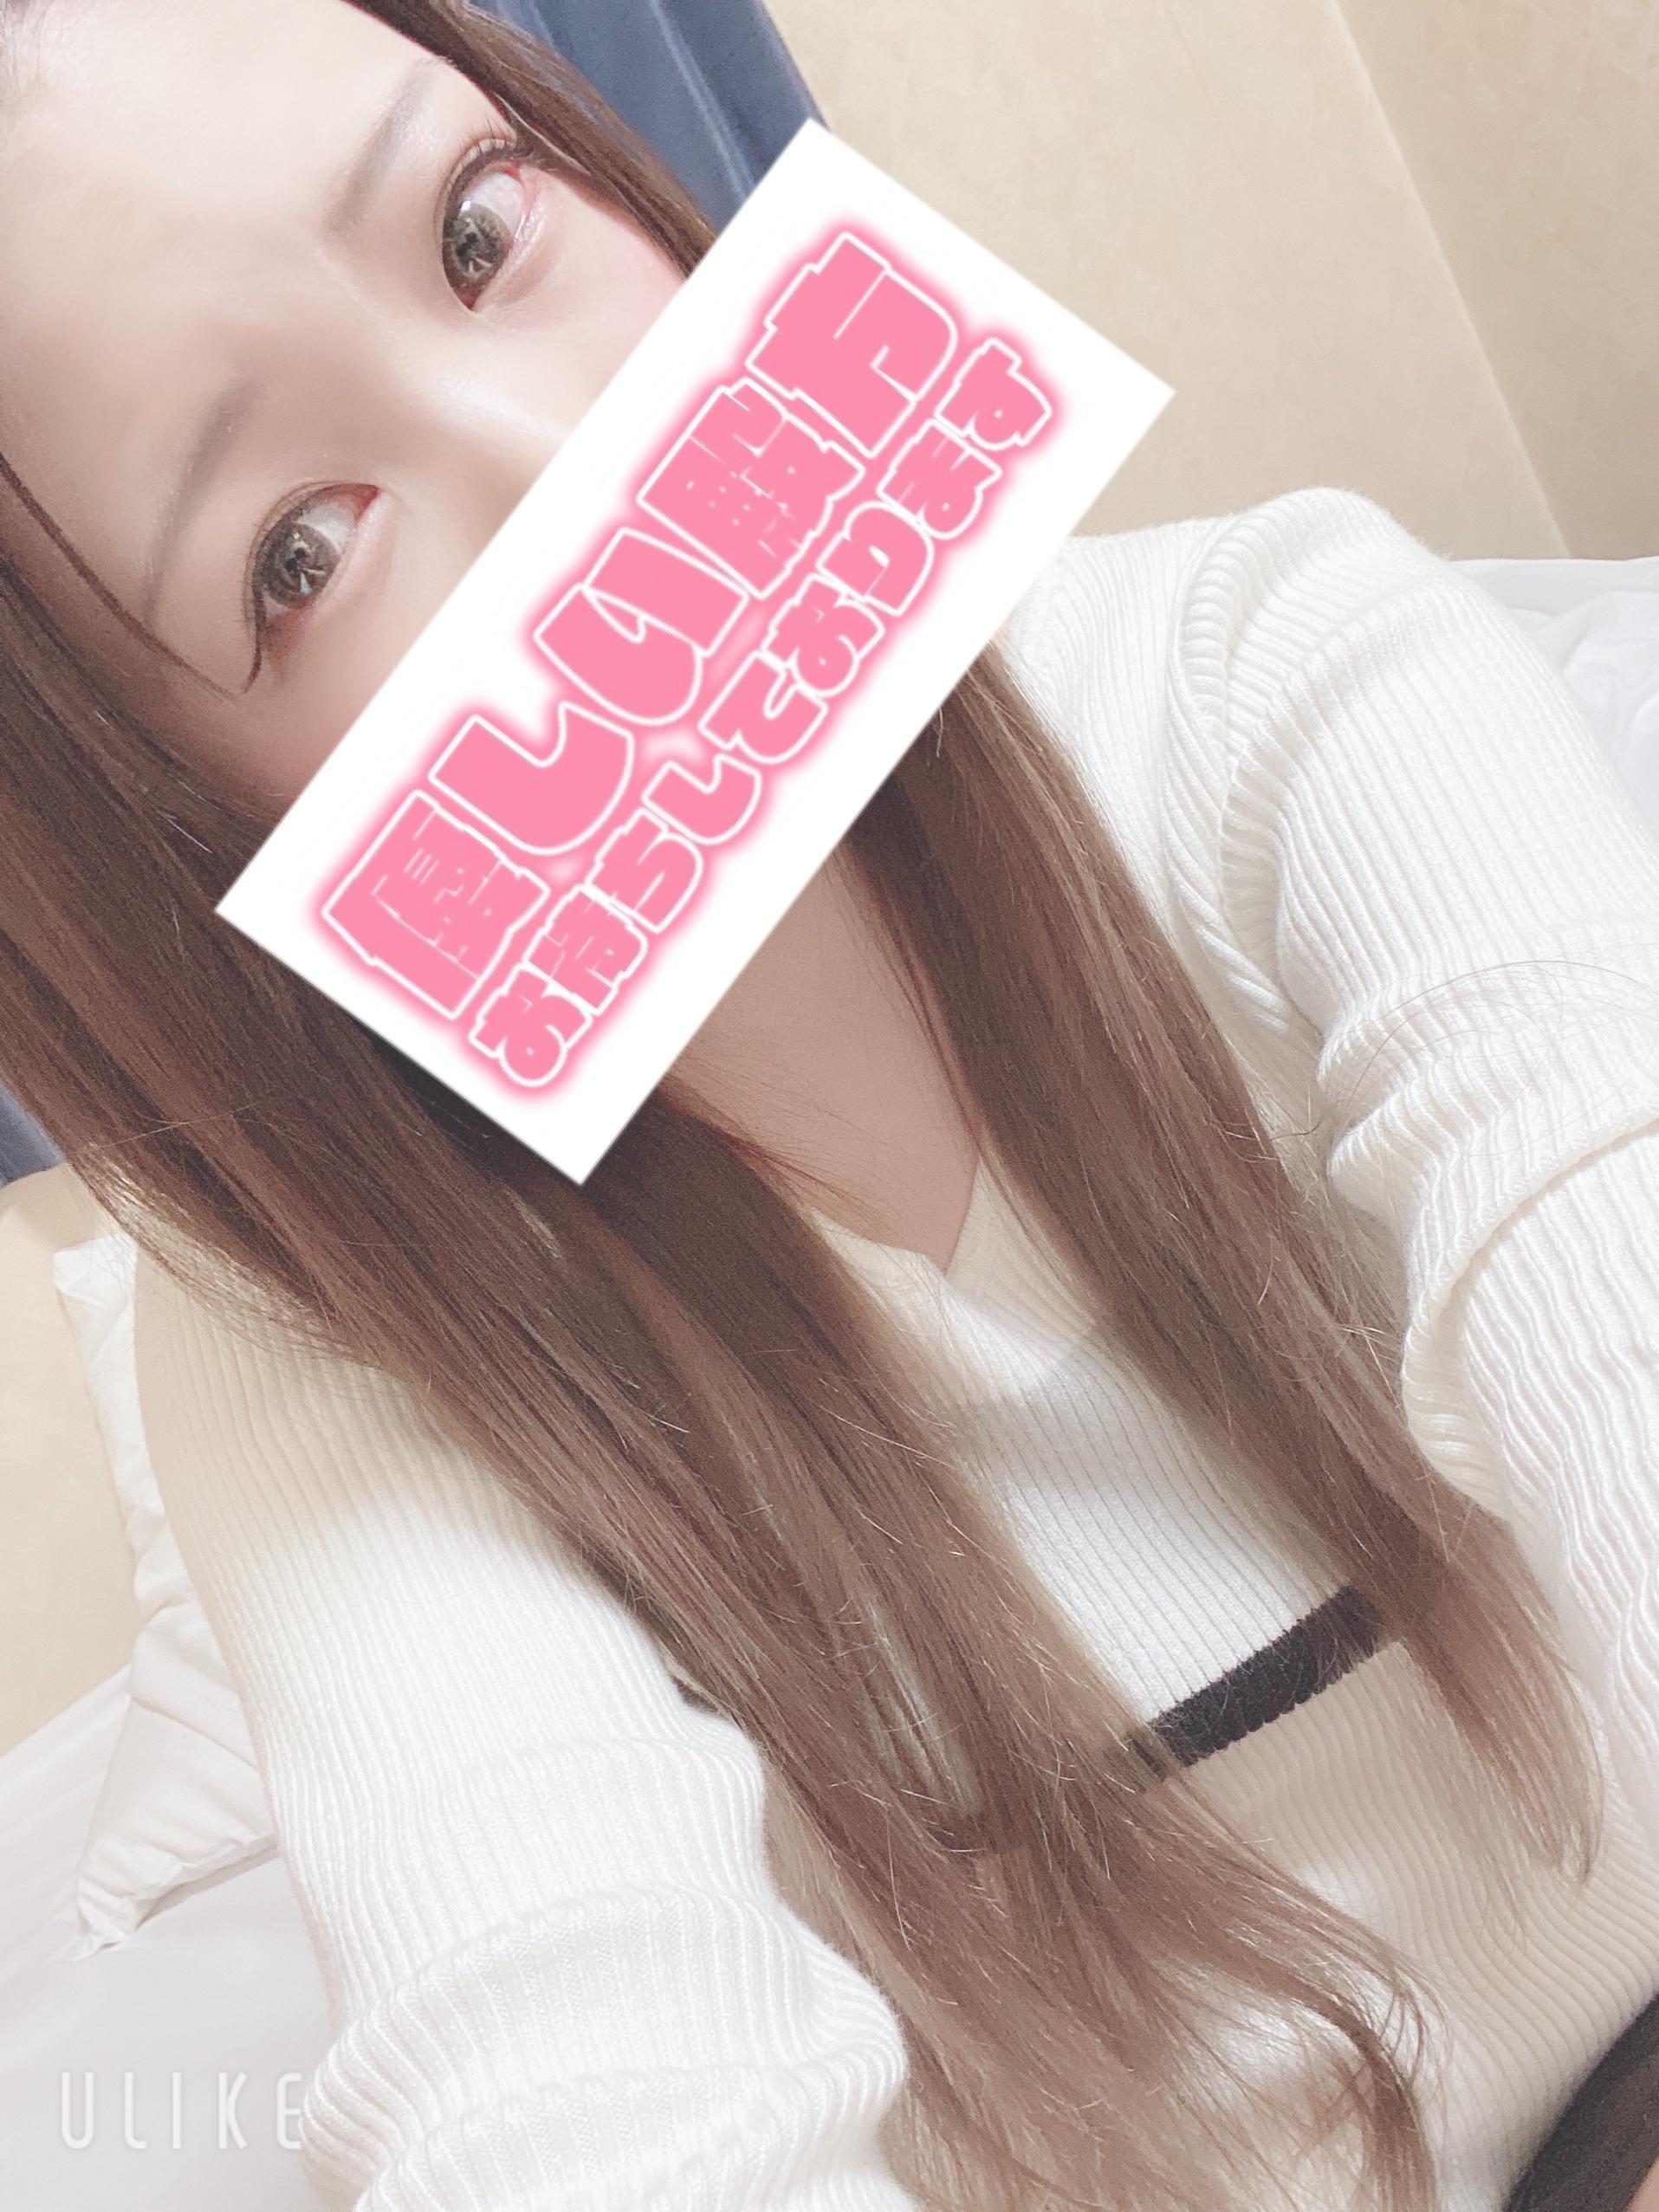 ミカド❤️ゆずは♪ついに❤️❤️の写メ日記